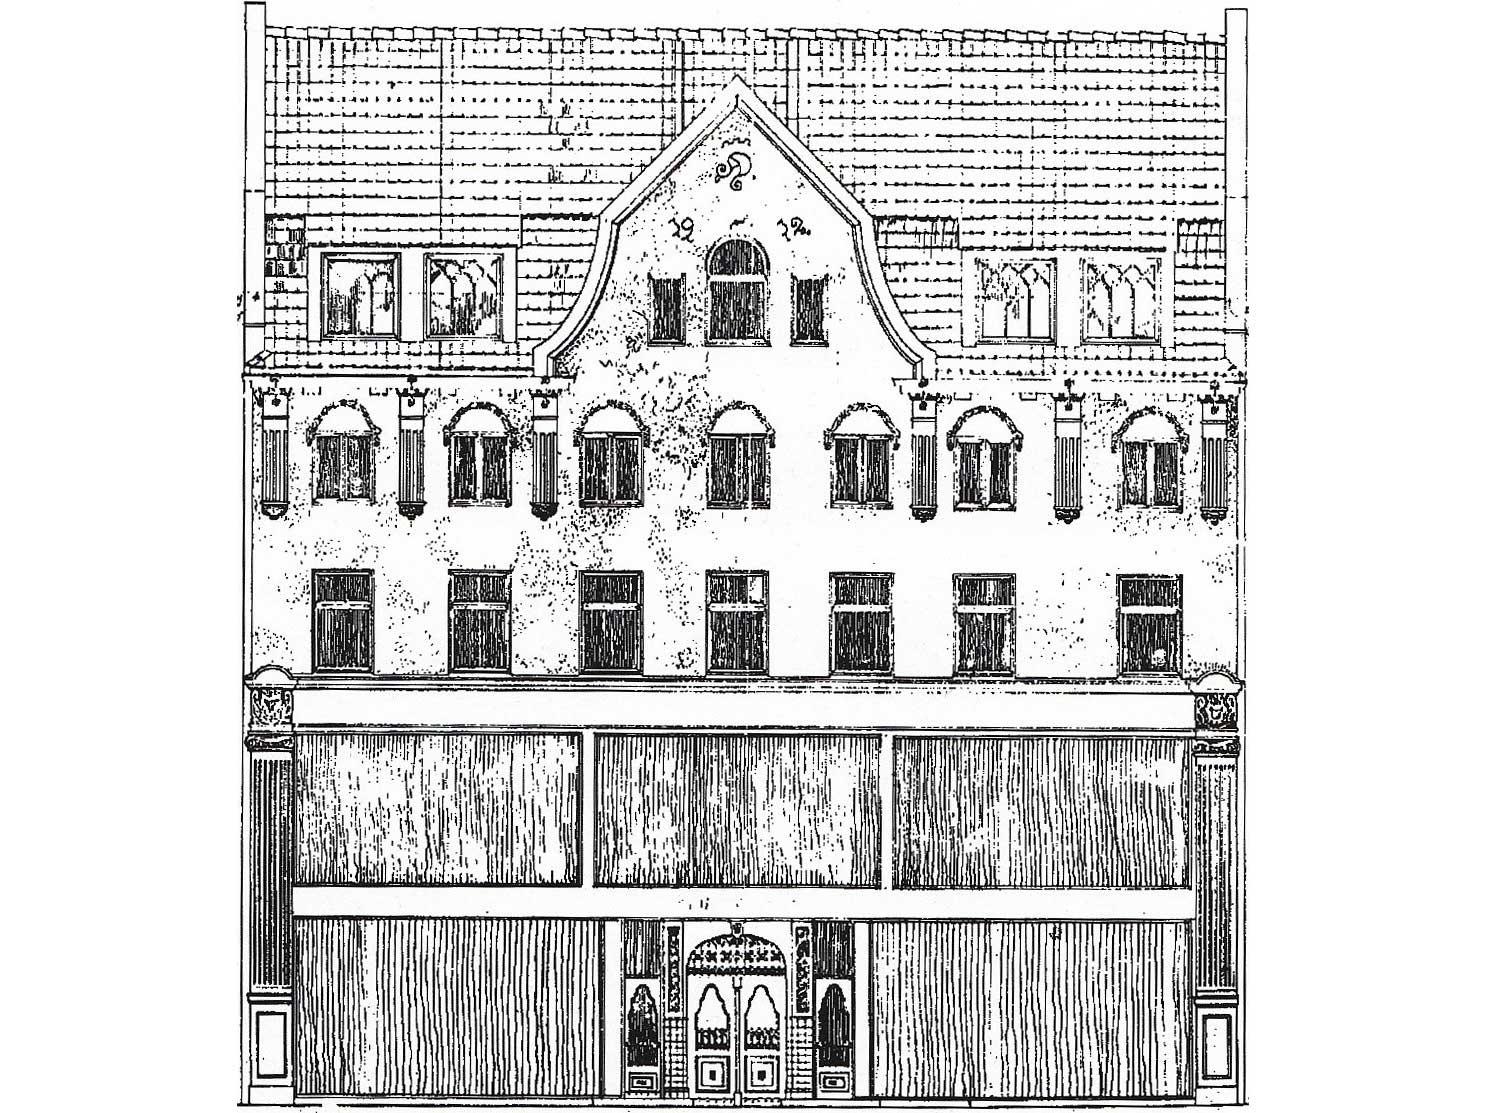 byggemeldingstegning-1912-nedre-slottsgate-221-kristian-biong